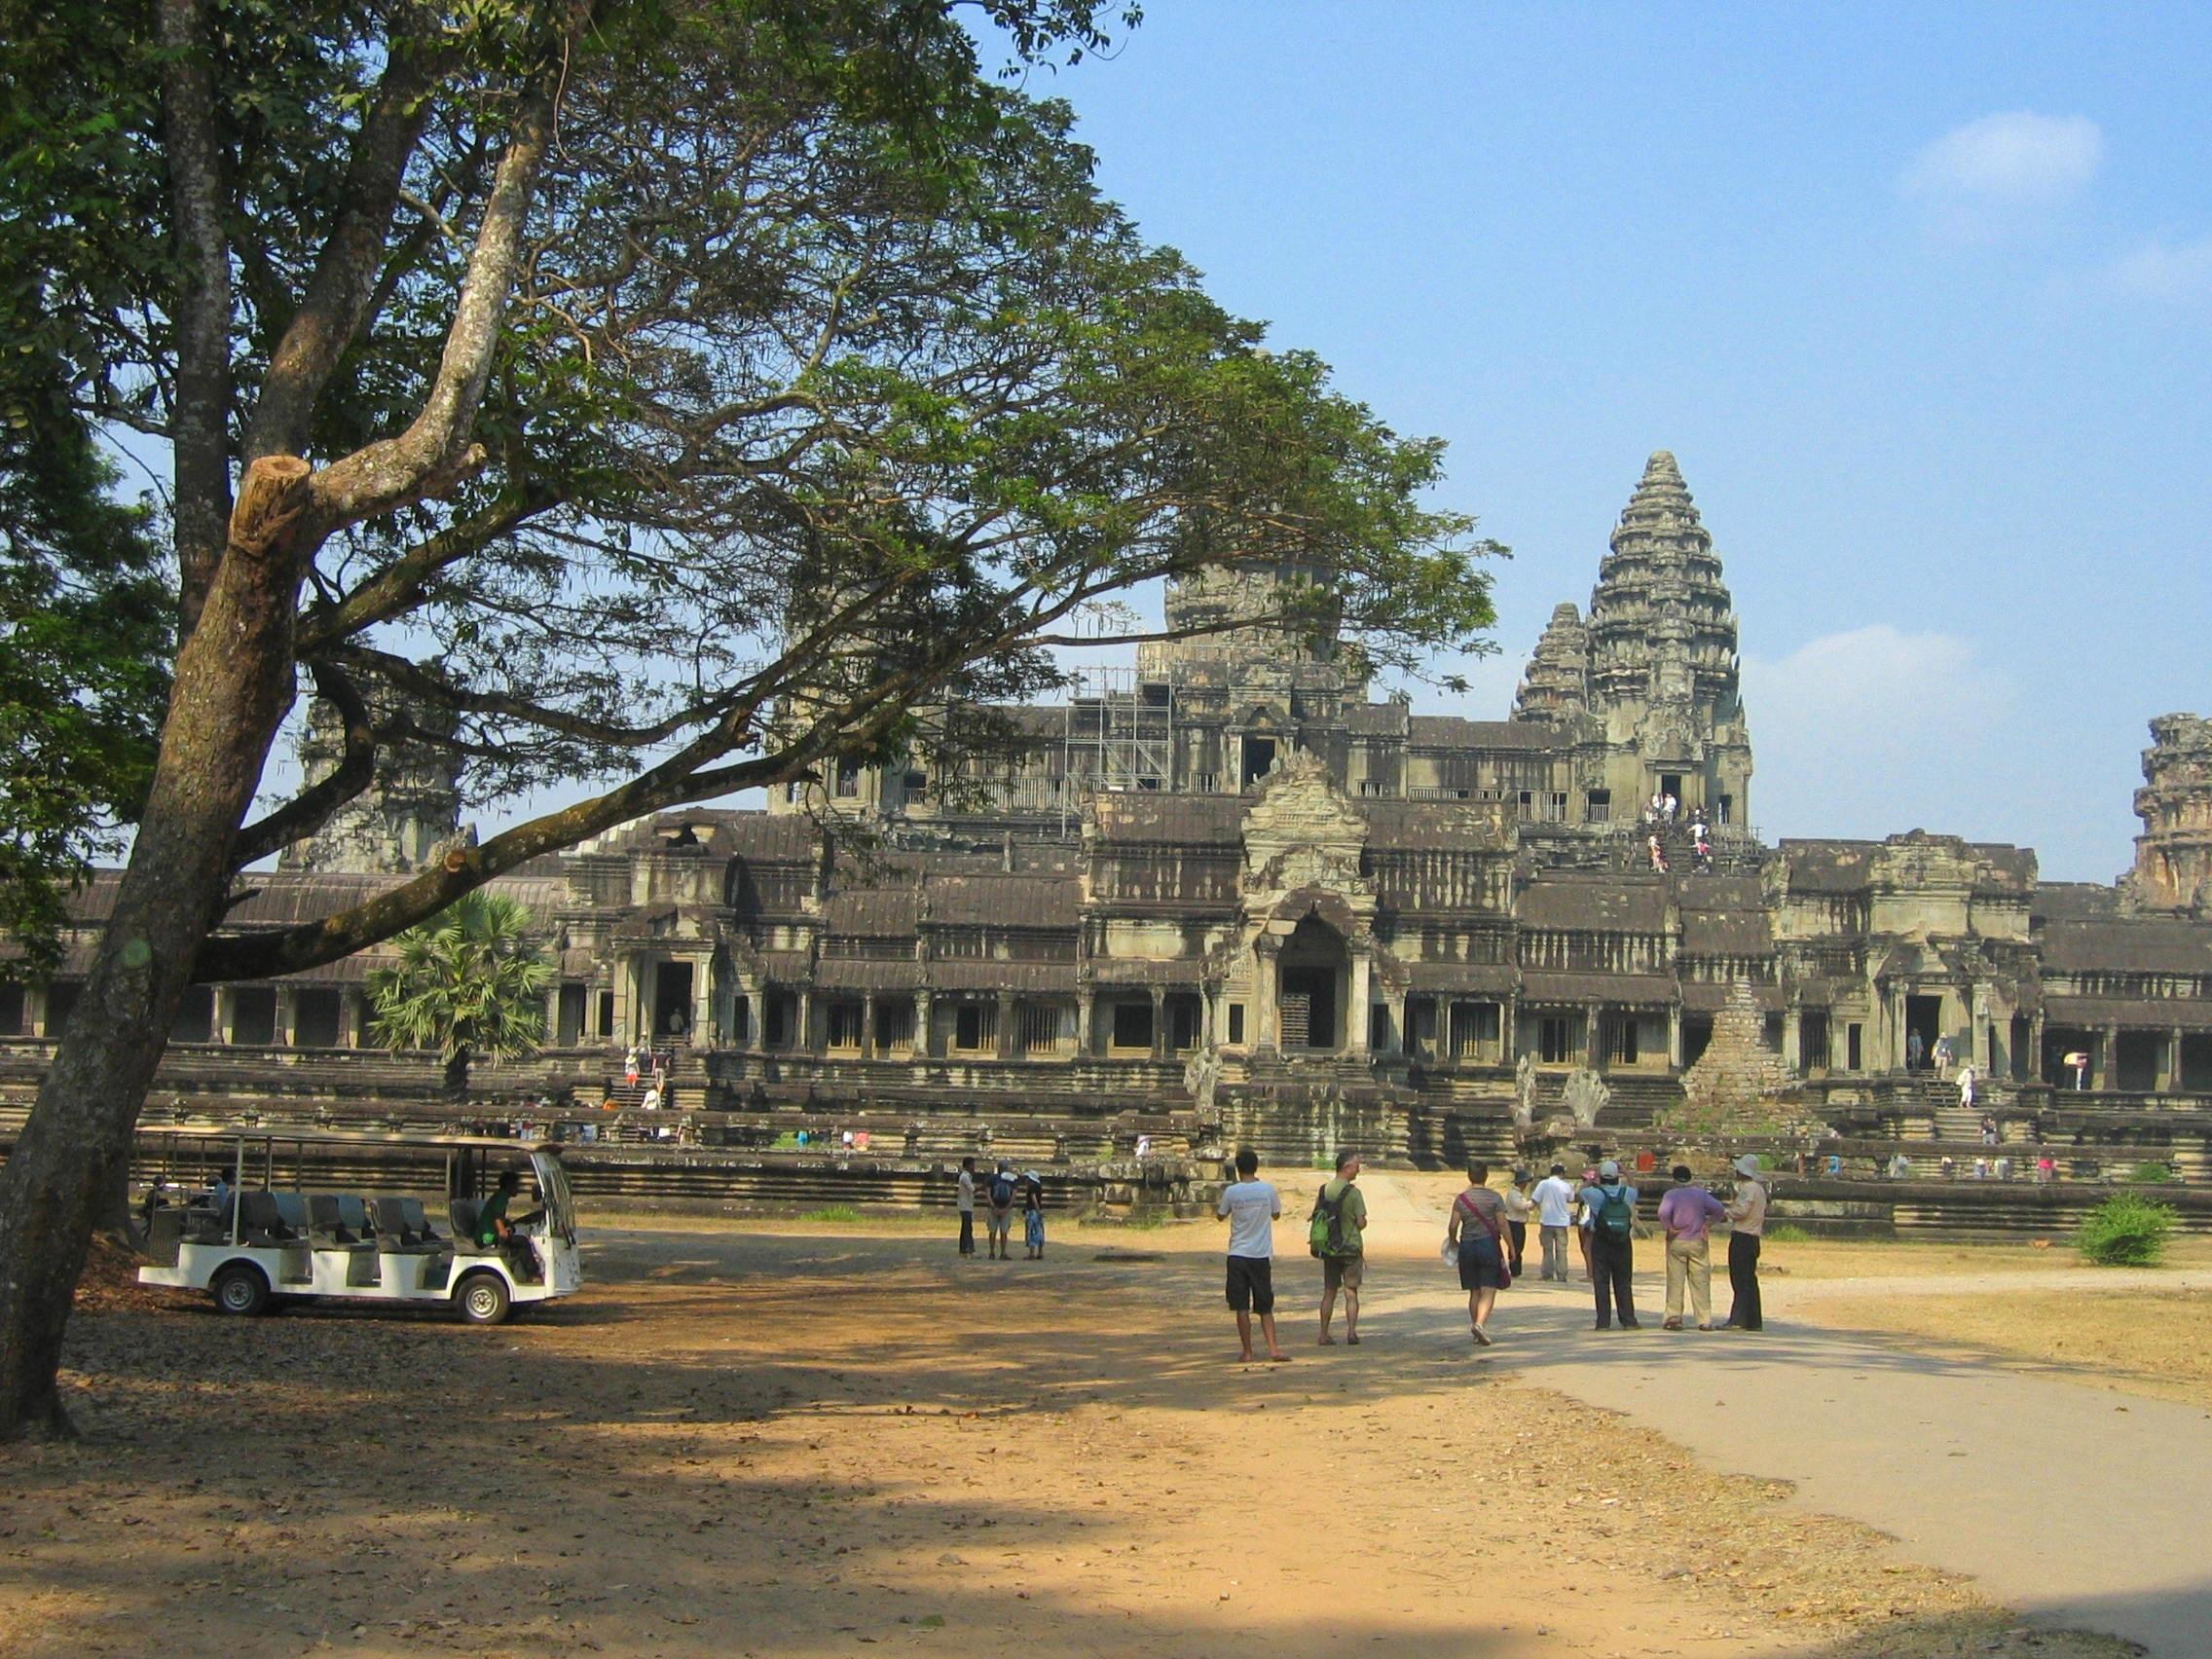 https://static.blog4ever.com/2012/11/719673/autre-vue-ge--ne--rale-avec-touristes.JPG